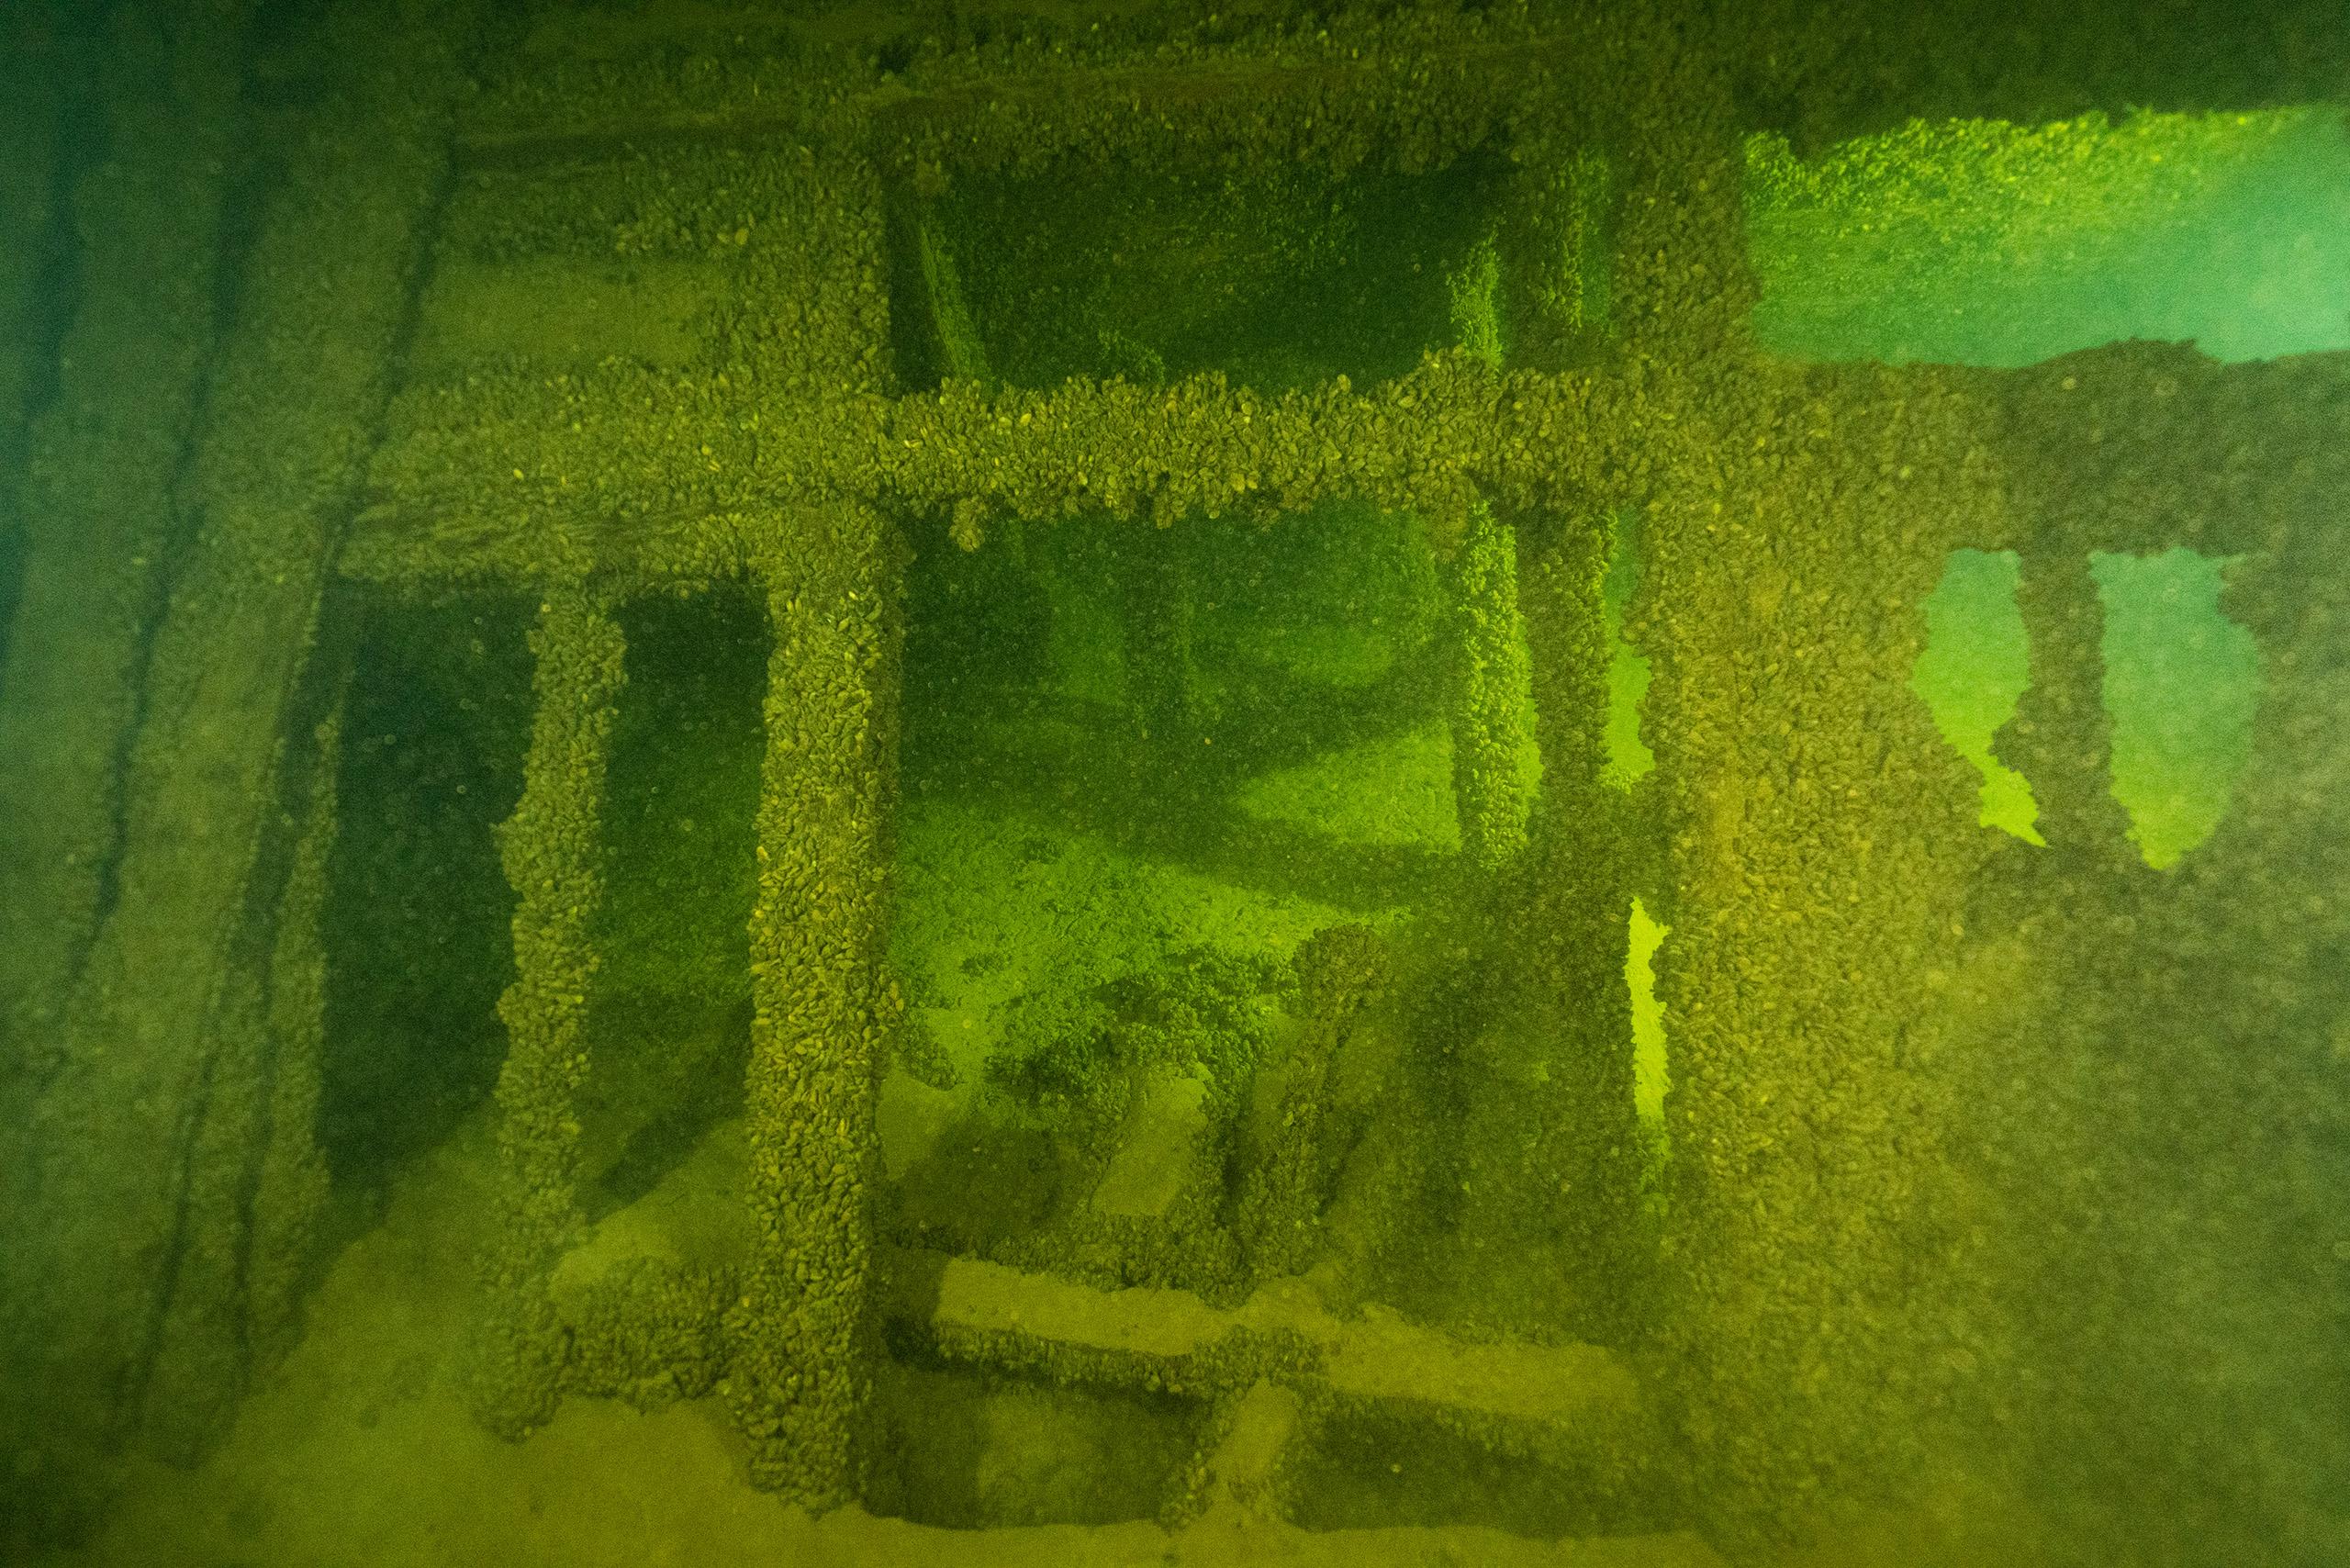 Водолазы надеются поднять на поверхность фрагменты корабля или вещи с него, чтобы передать в музей